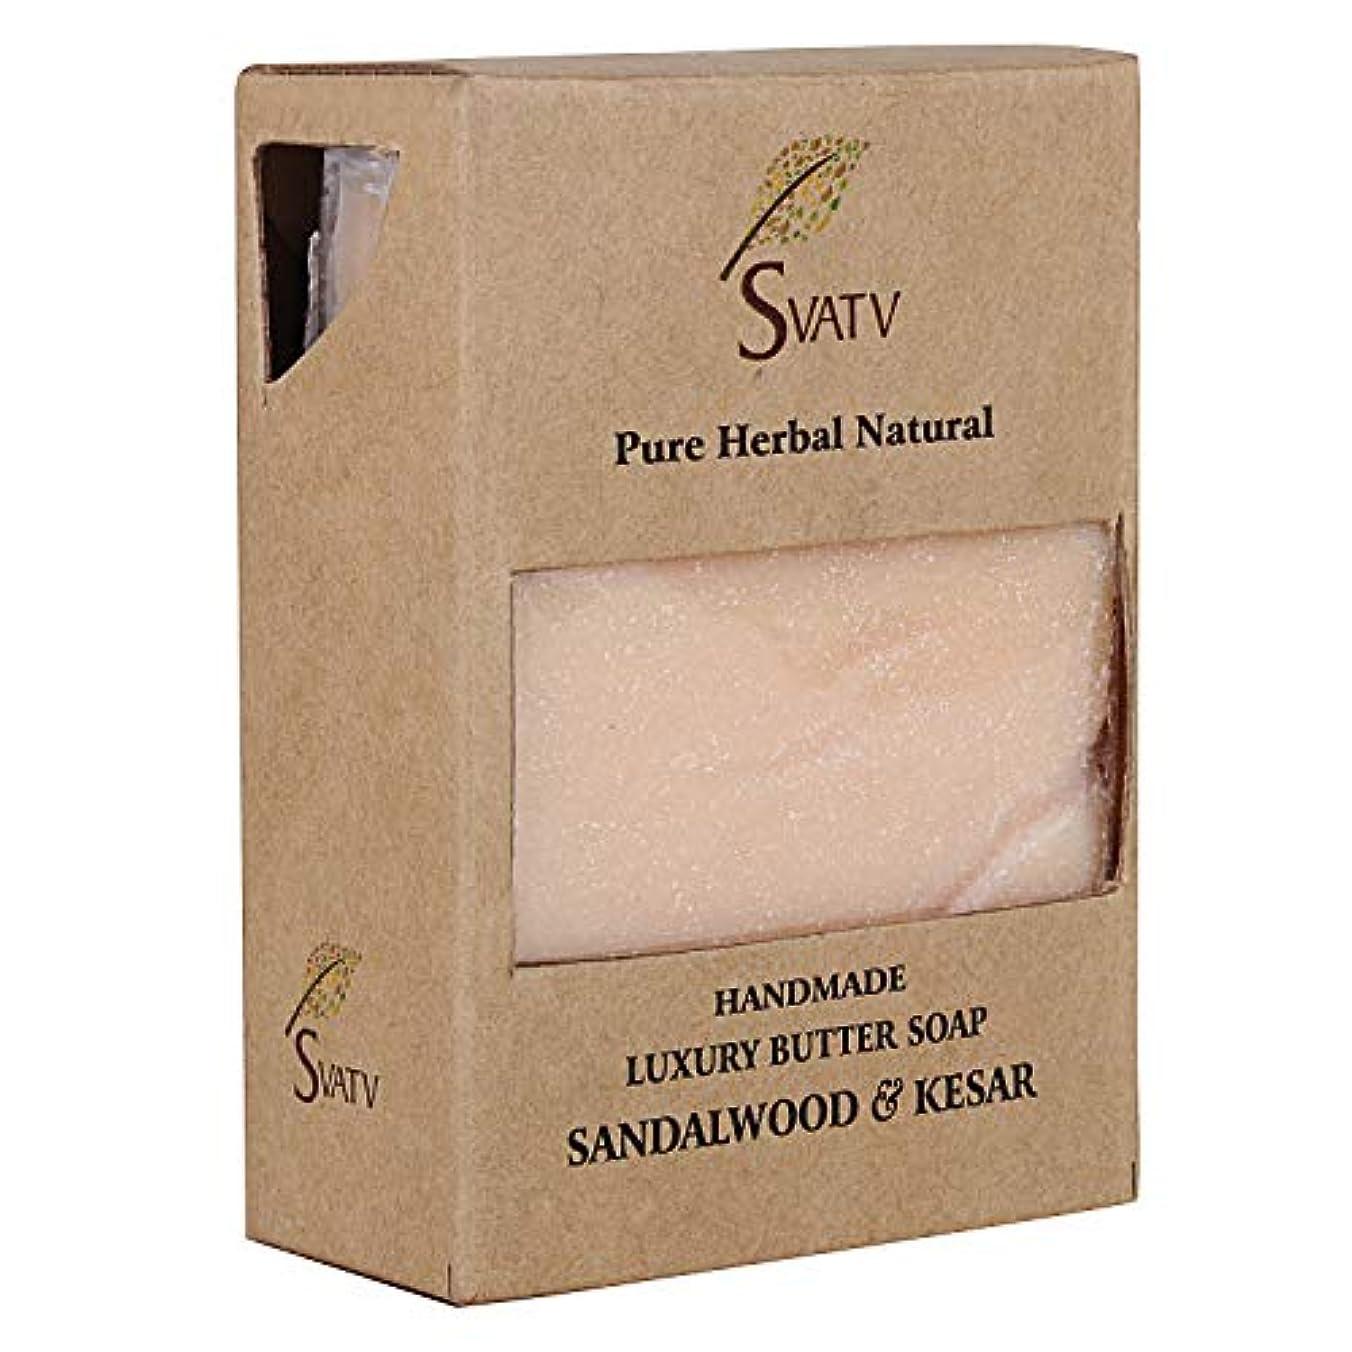 クローン筋サーカスSVATV Handmade Luxury Butter Natural Soap ll Sandalwood & Kesar ll For All Skin types 100g Bar ll Kosher Certified